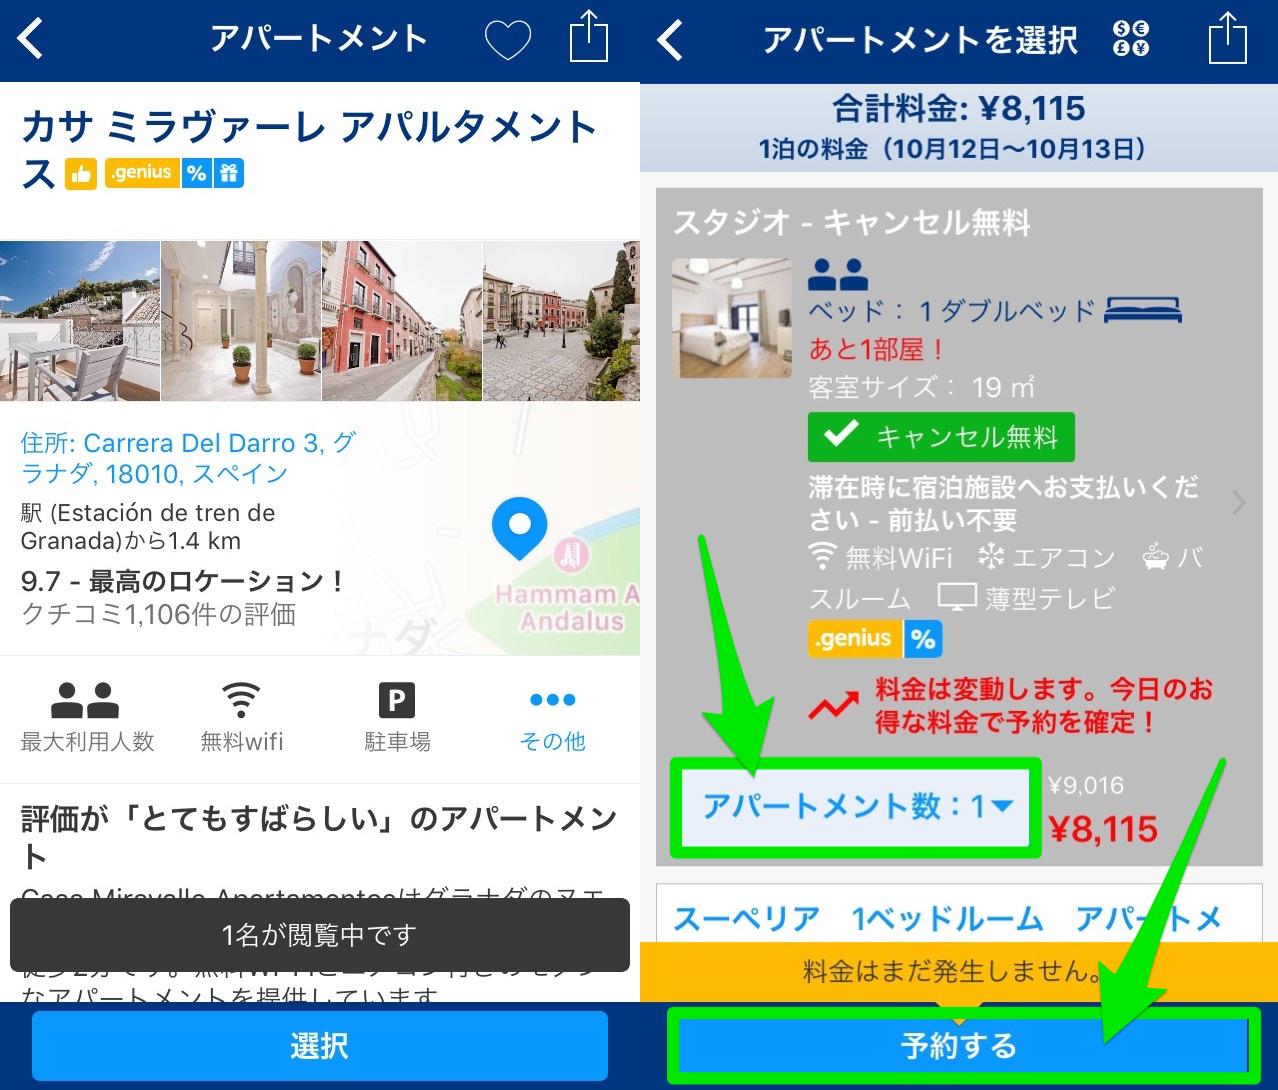 ブッキングドットコムのアプリで出てきたホテルを予約